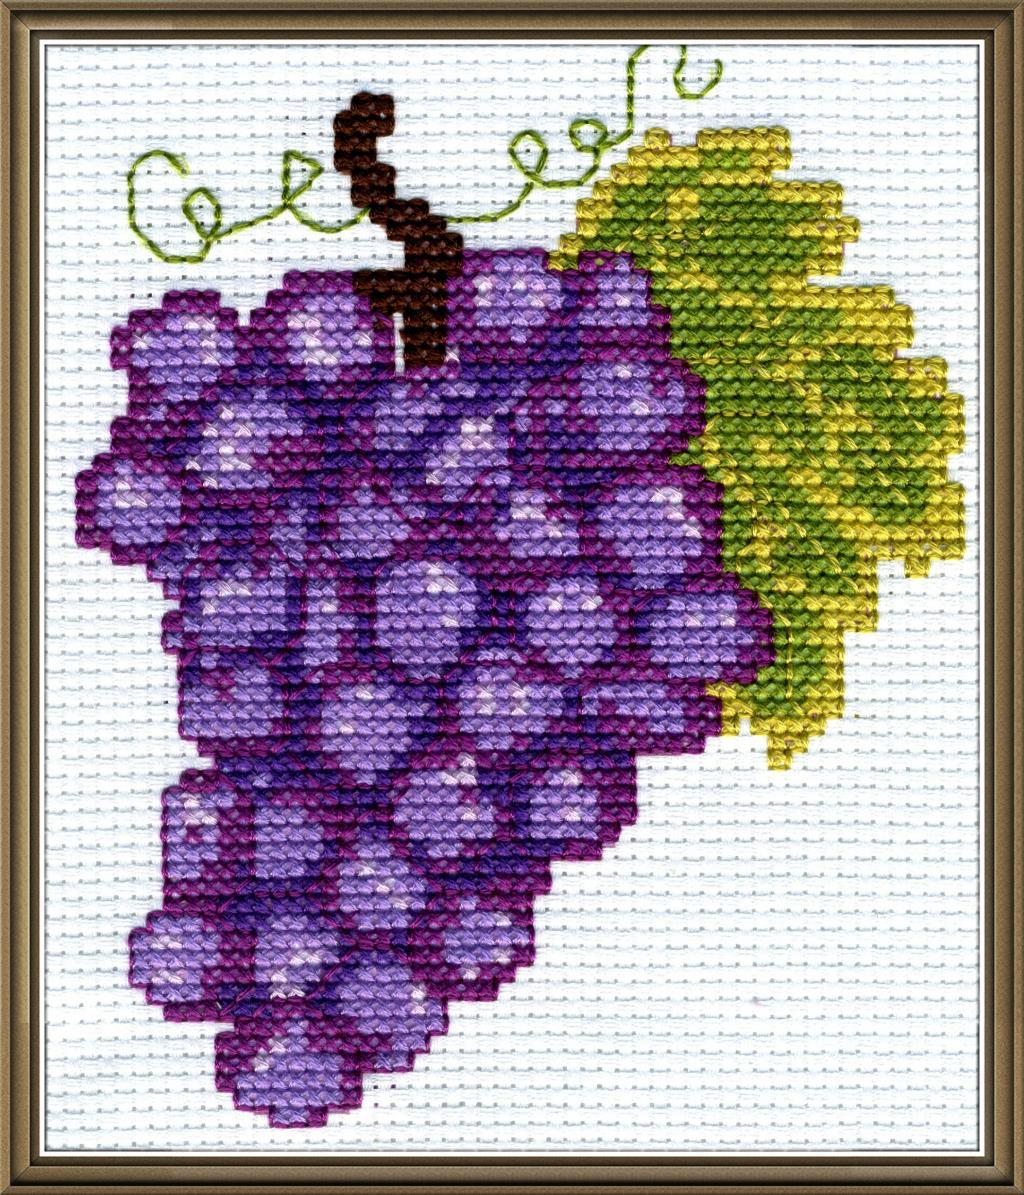 Гроздь винограда. Фрукты-овощи